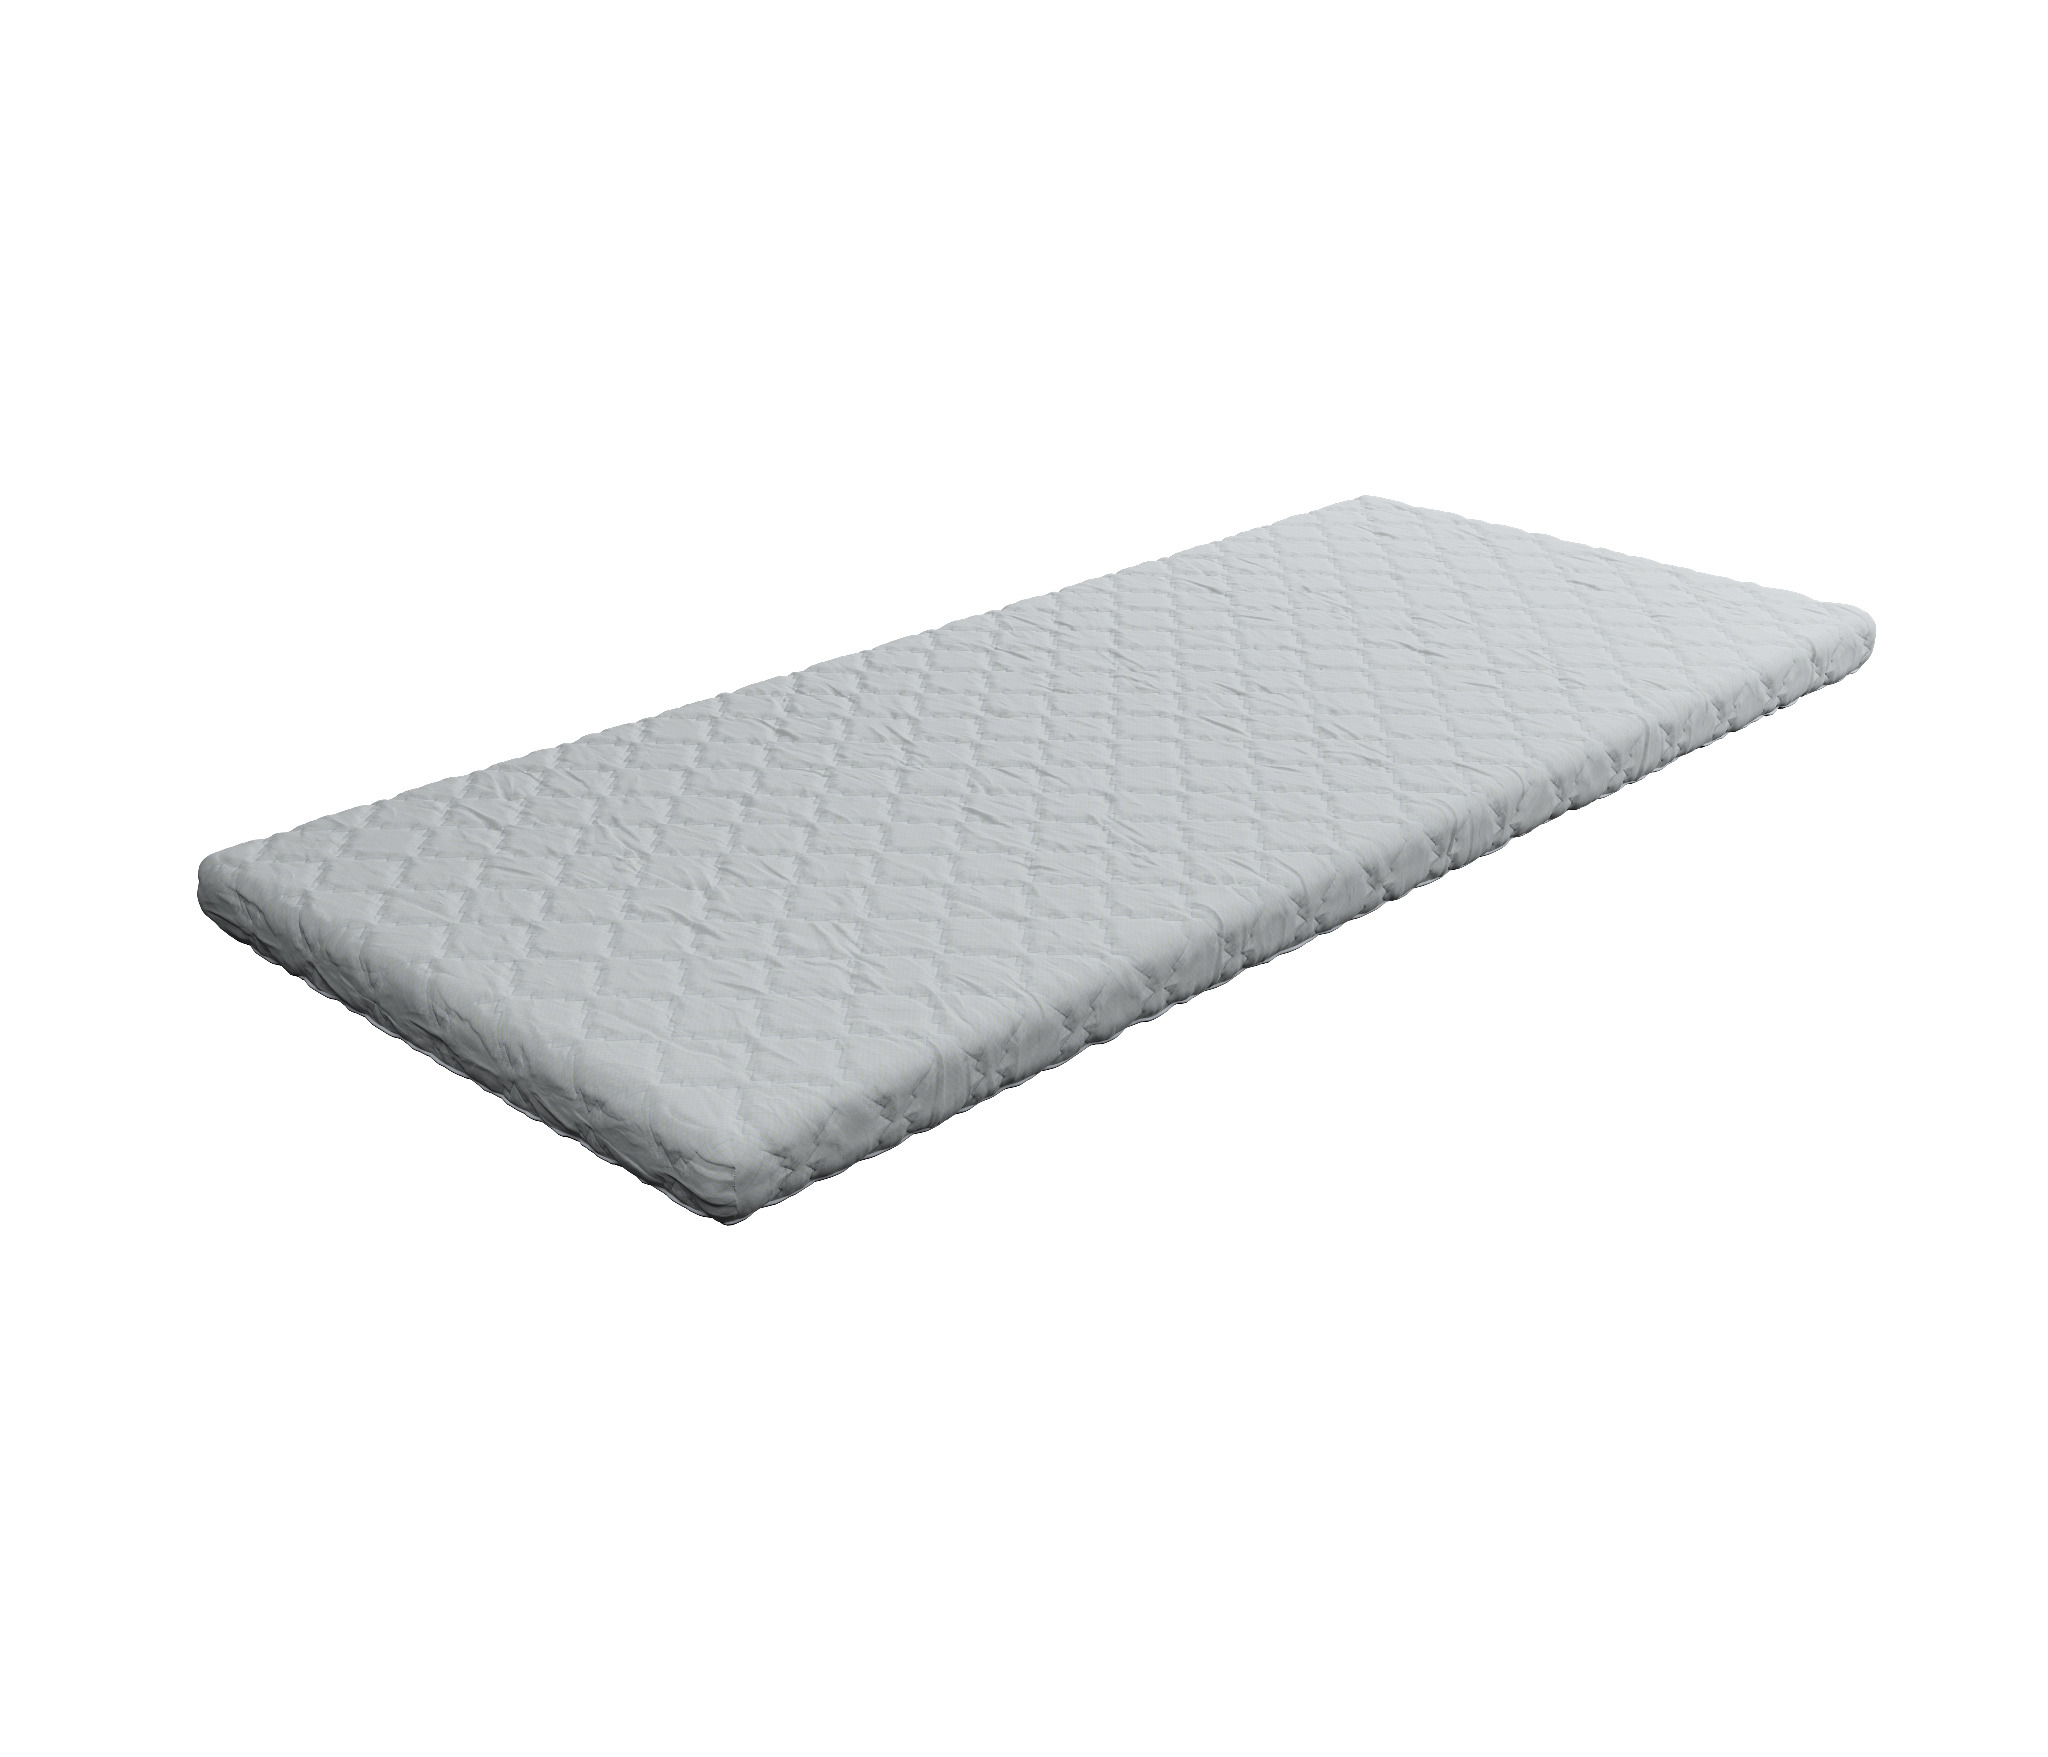 Матрас Топпер-Прима  900*1900Кровати<br>Топпер- это идеальное экономичное решение для дач, для выравнивания спального места на диване и для всех тех, кто хочет получить максимум комфорта при минимальных затратах.&#13;Блок ППУ высокой прочности, обе стороны ровные, чехол несъемный. Ткань чехла Stelline, плотностью 11 pix.&#13;Толщина 40 мм.&#13;Макс. нагрузка 100 кг, при использовании на диване или матрасе.<br><br>Длина мм: 900<br>Высота мм: 40<br>Глубина мм: 1900<br>Длина матраса: 1900<br>Ширина матраса: 900